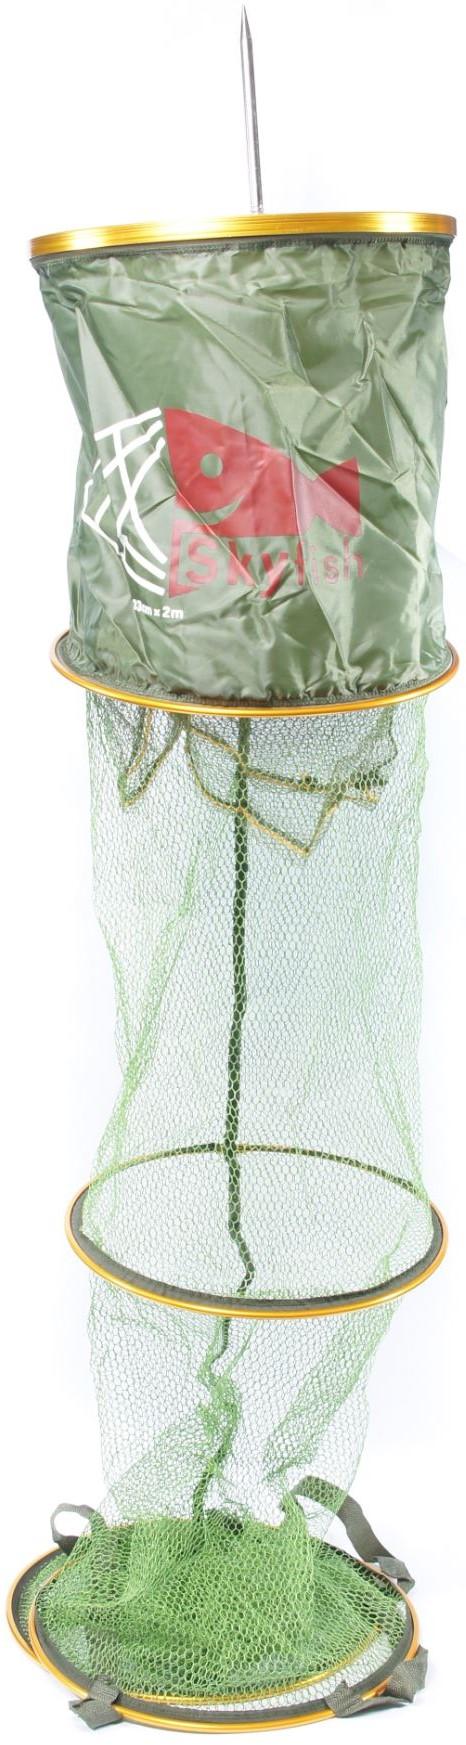 Садок (4025) SkyFish рыболовный береговой круглый 40х250см